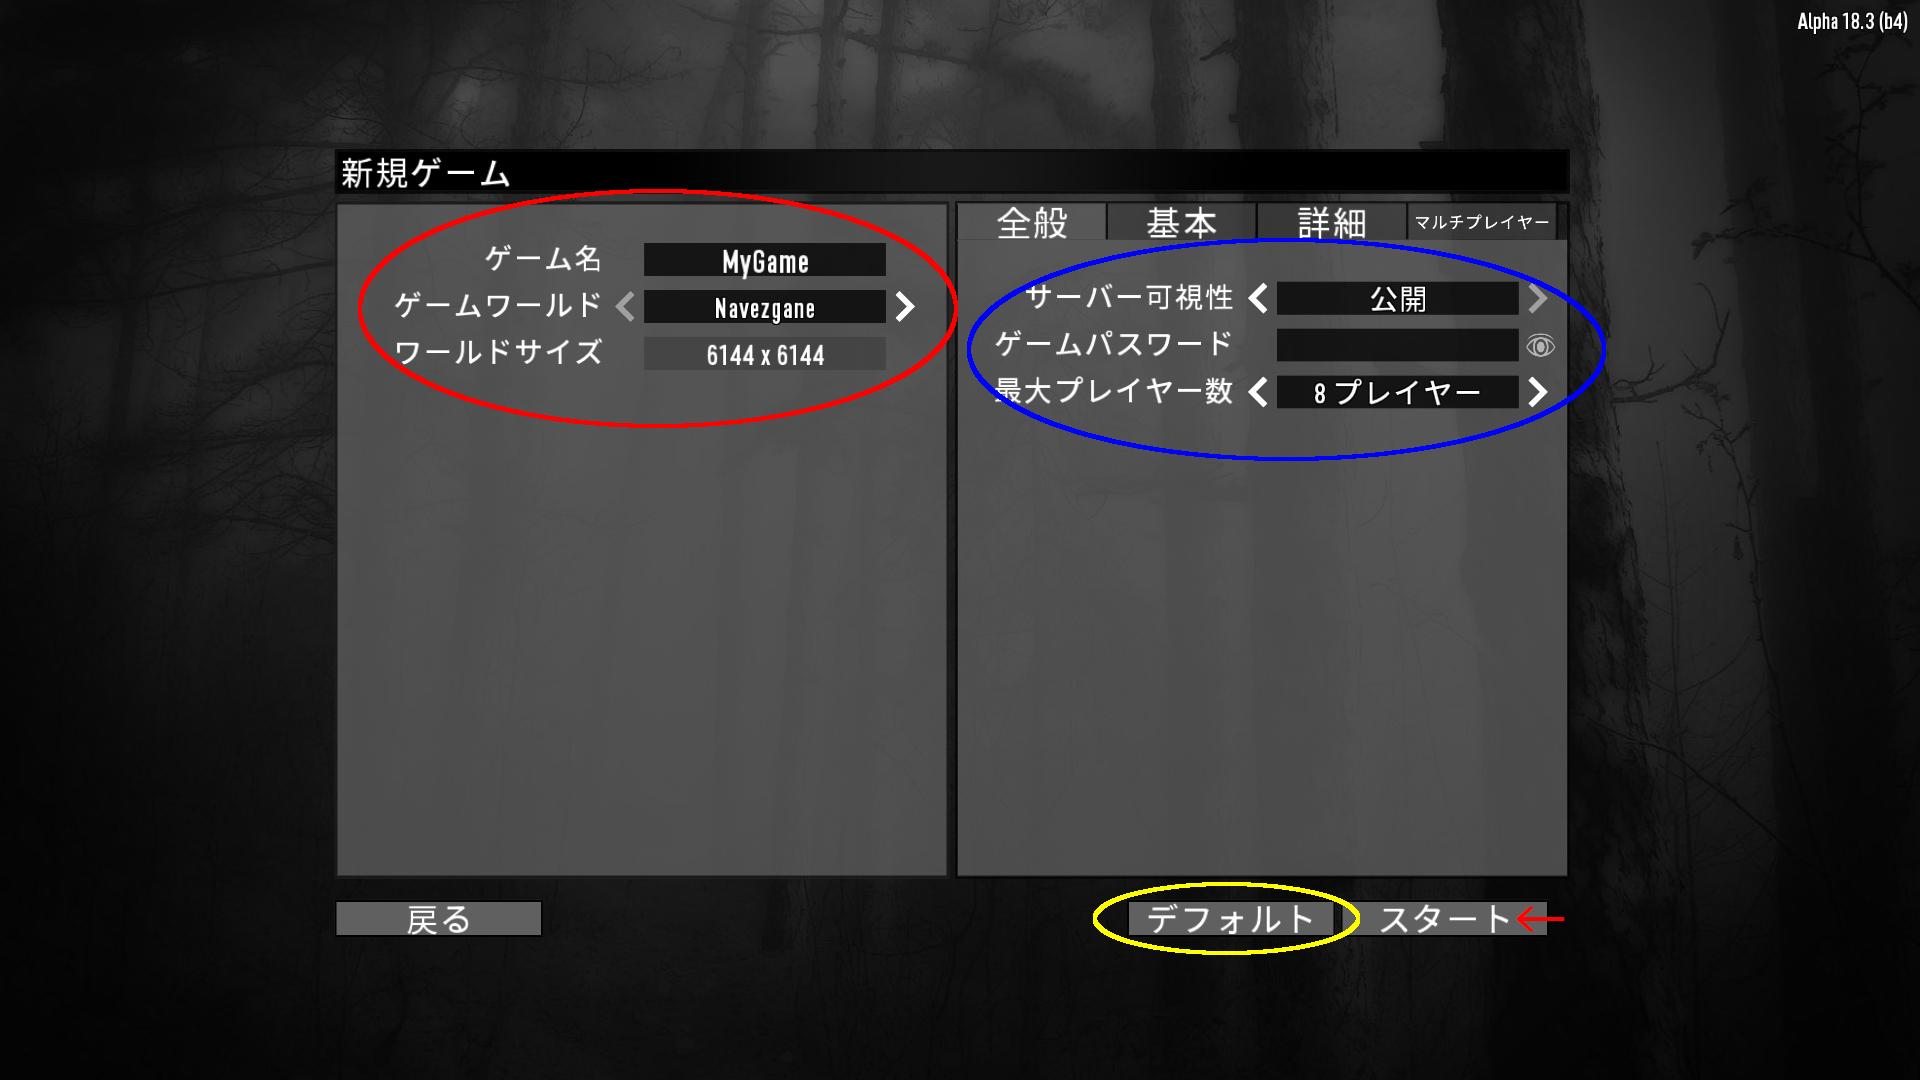 titleA18_02_jp.jpg